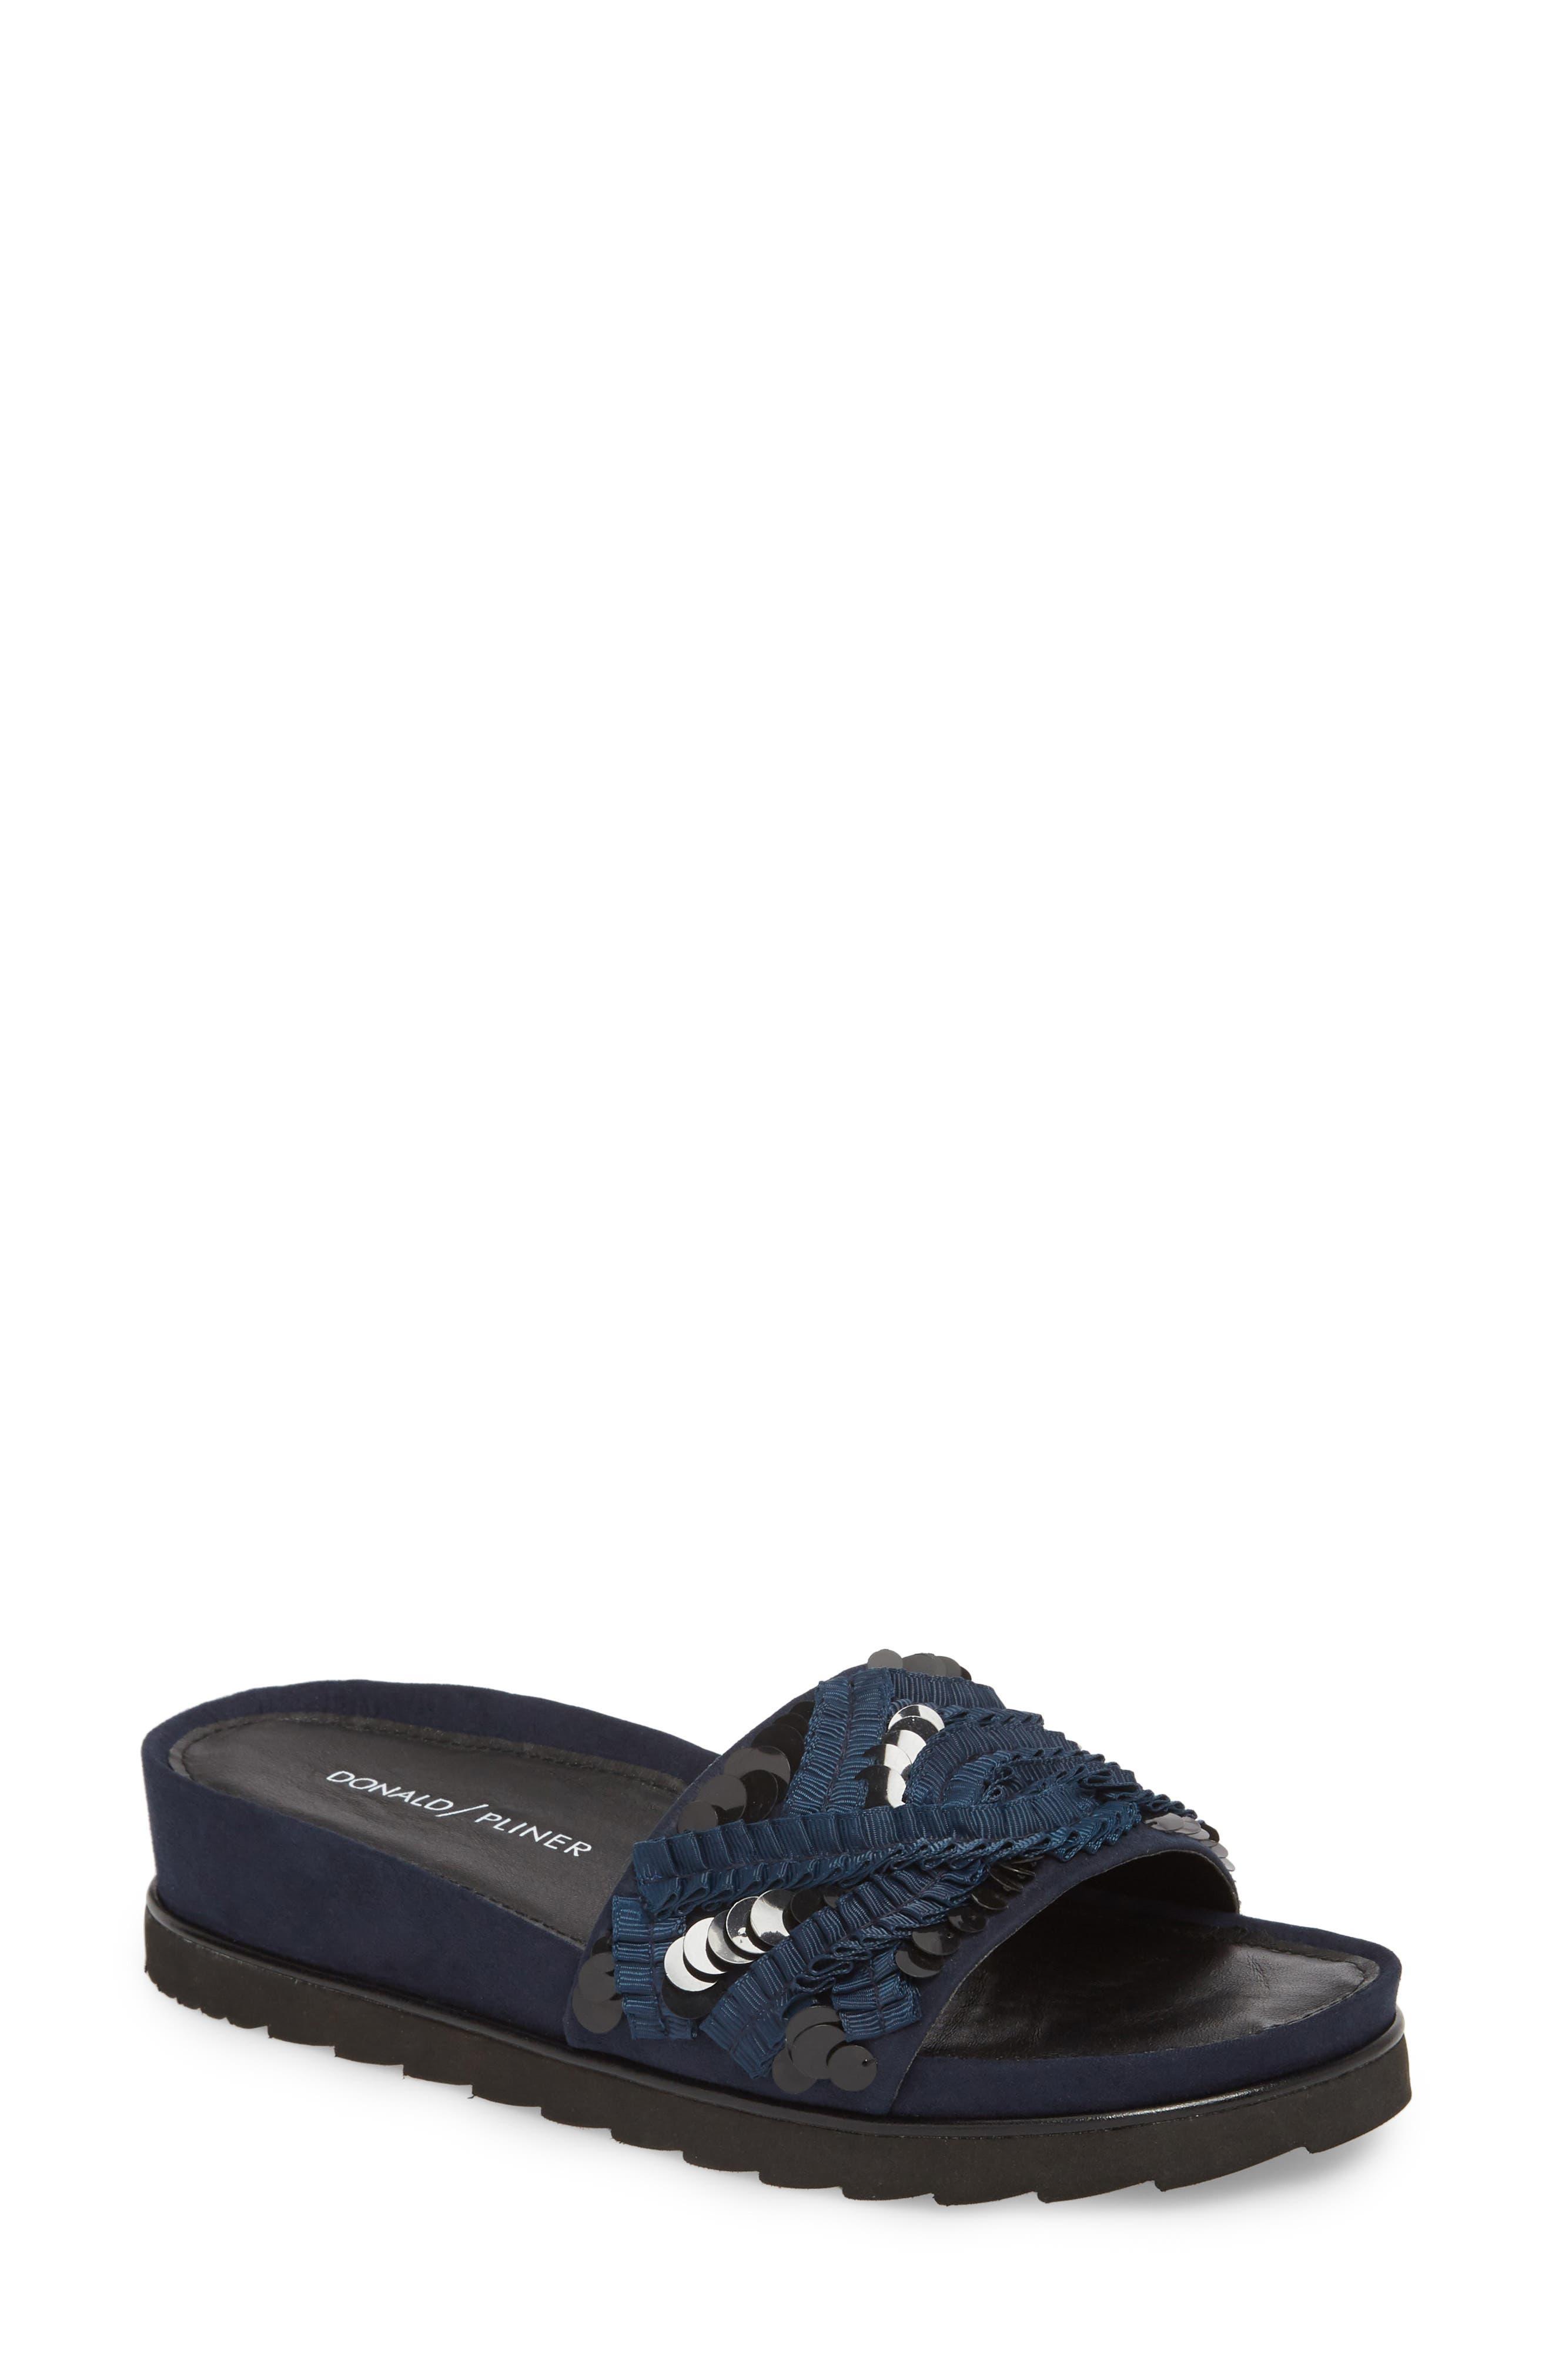 Cava Slide Sandal,                         Main,                         color, NAVY SUEDE